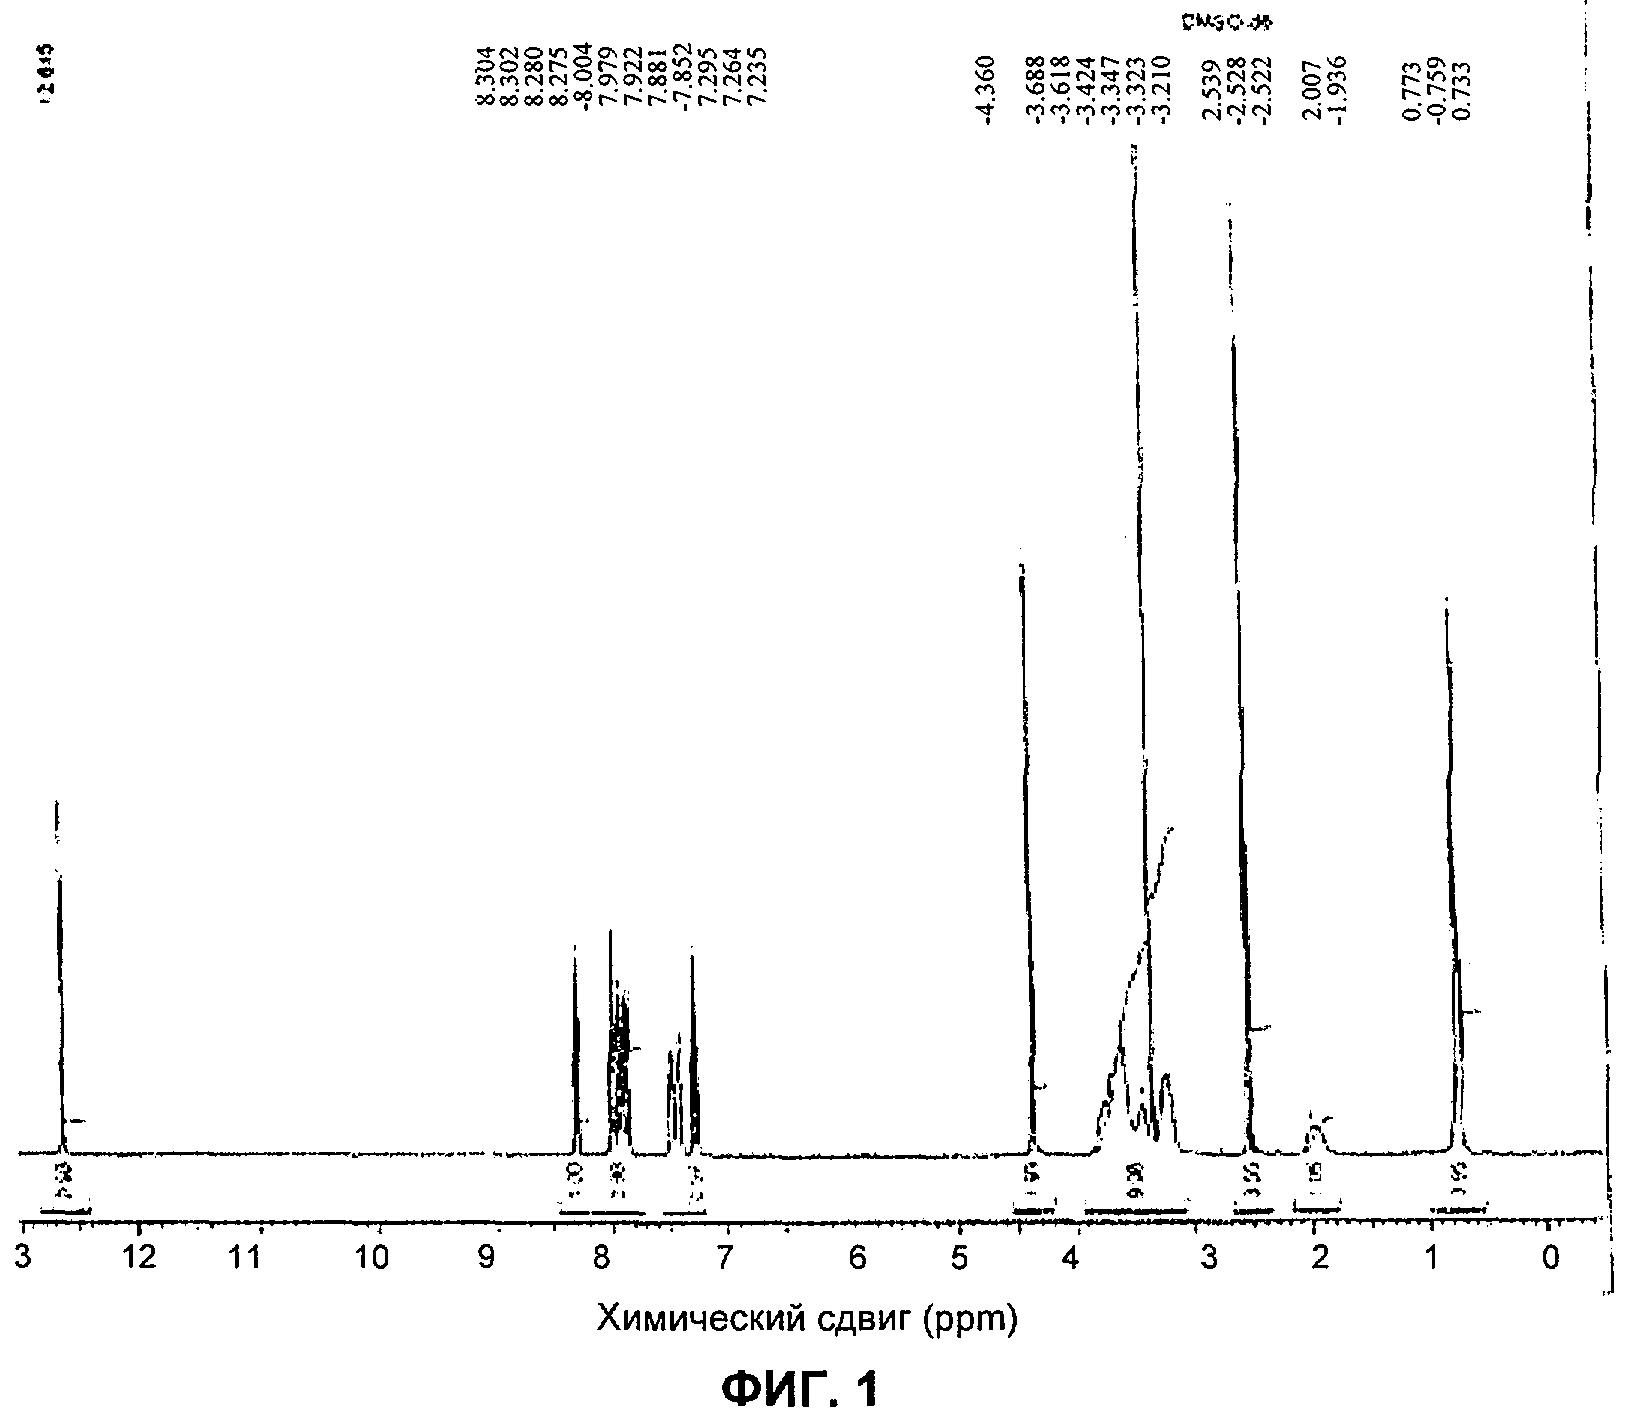 ПОЛИМОРФНАЯ ФОРМА 4-[3-(4-ЦИКЛОПРОПАНКАРБОНИЛПИПЕРАЗИН-1-КАРБОНИЛ)-4-ФТОРБЕНЗИЛ]-2Н-ФТАЛАЗИН-1-ОНА